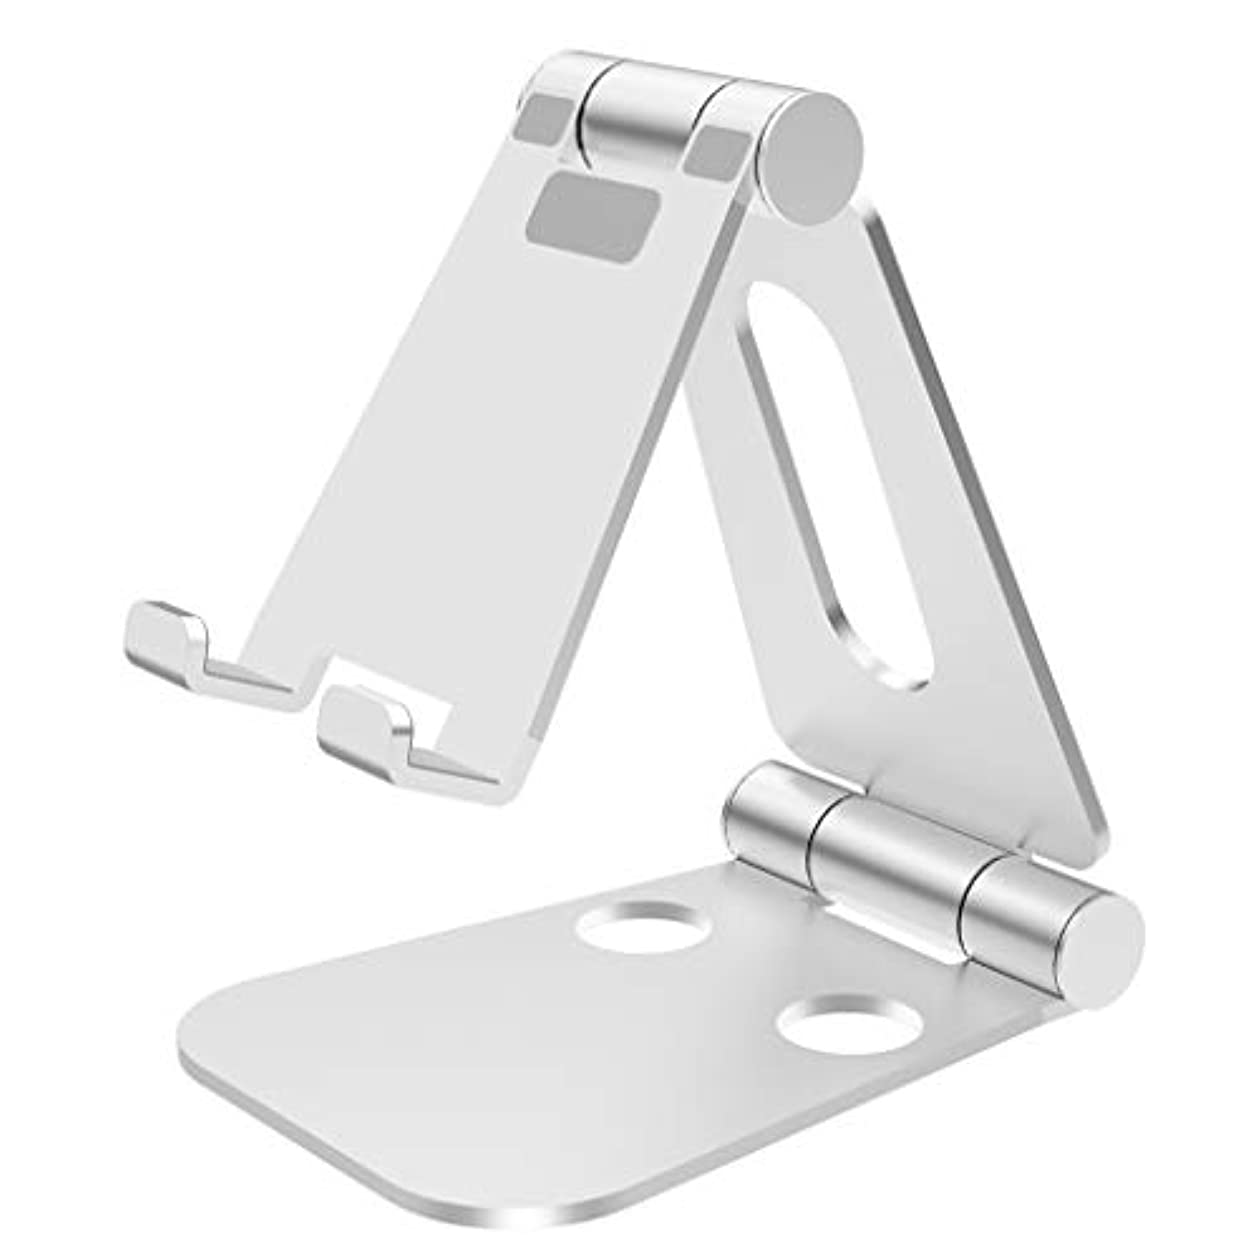 ほこりかけるそっと他のスマートフォン用の携帯電話ホルダー、ダブル折りたたみメタルフラットブラケット、アルミレイジーデスクトップブラケット (Color : Silver)